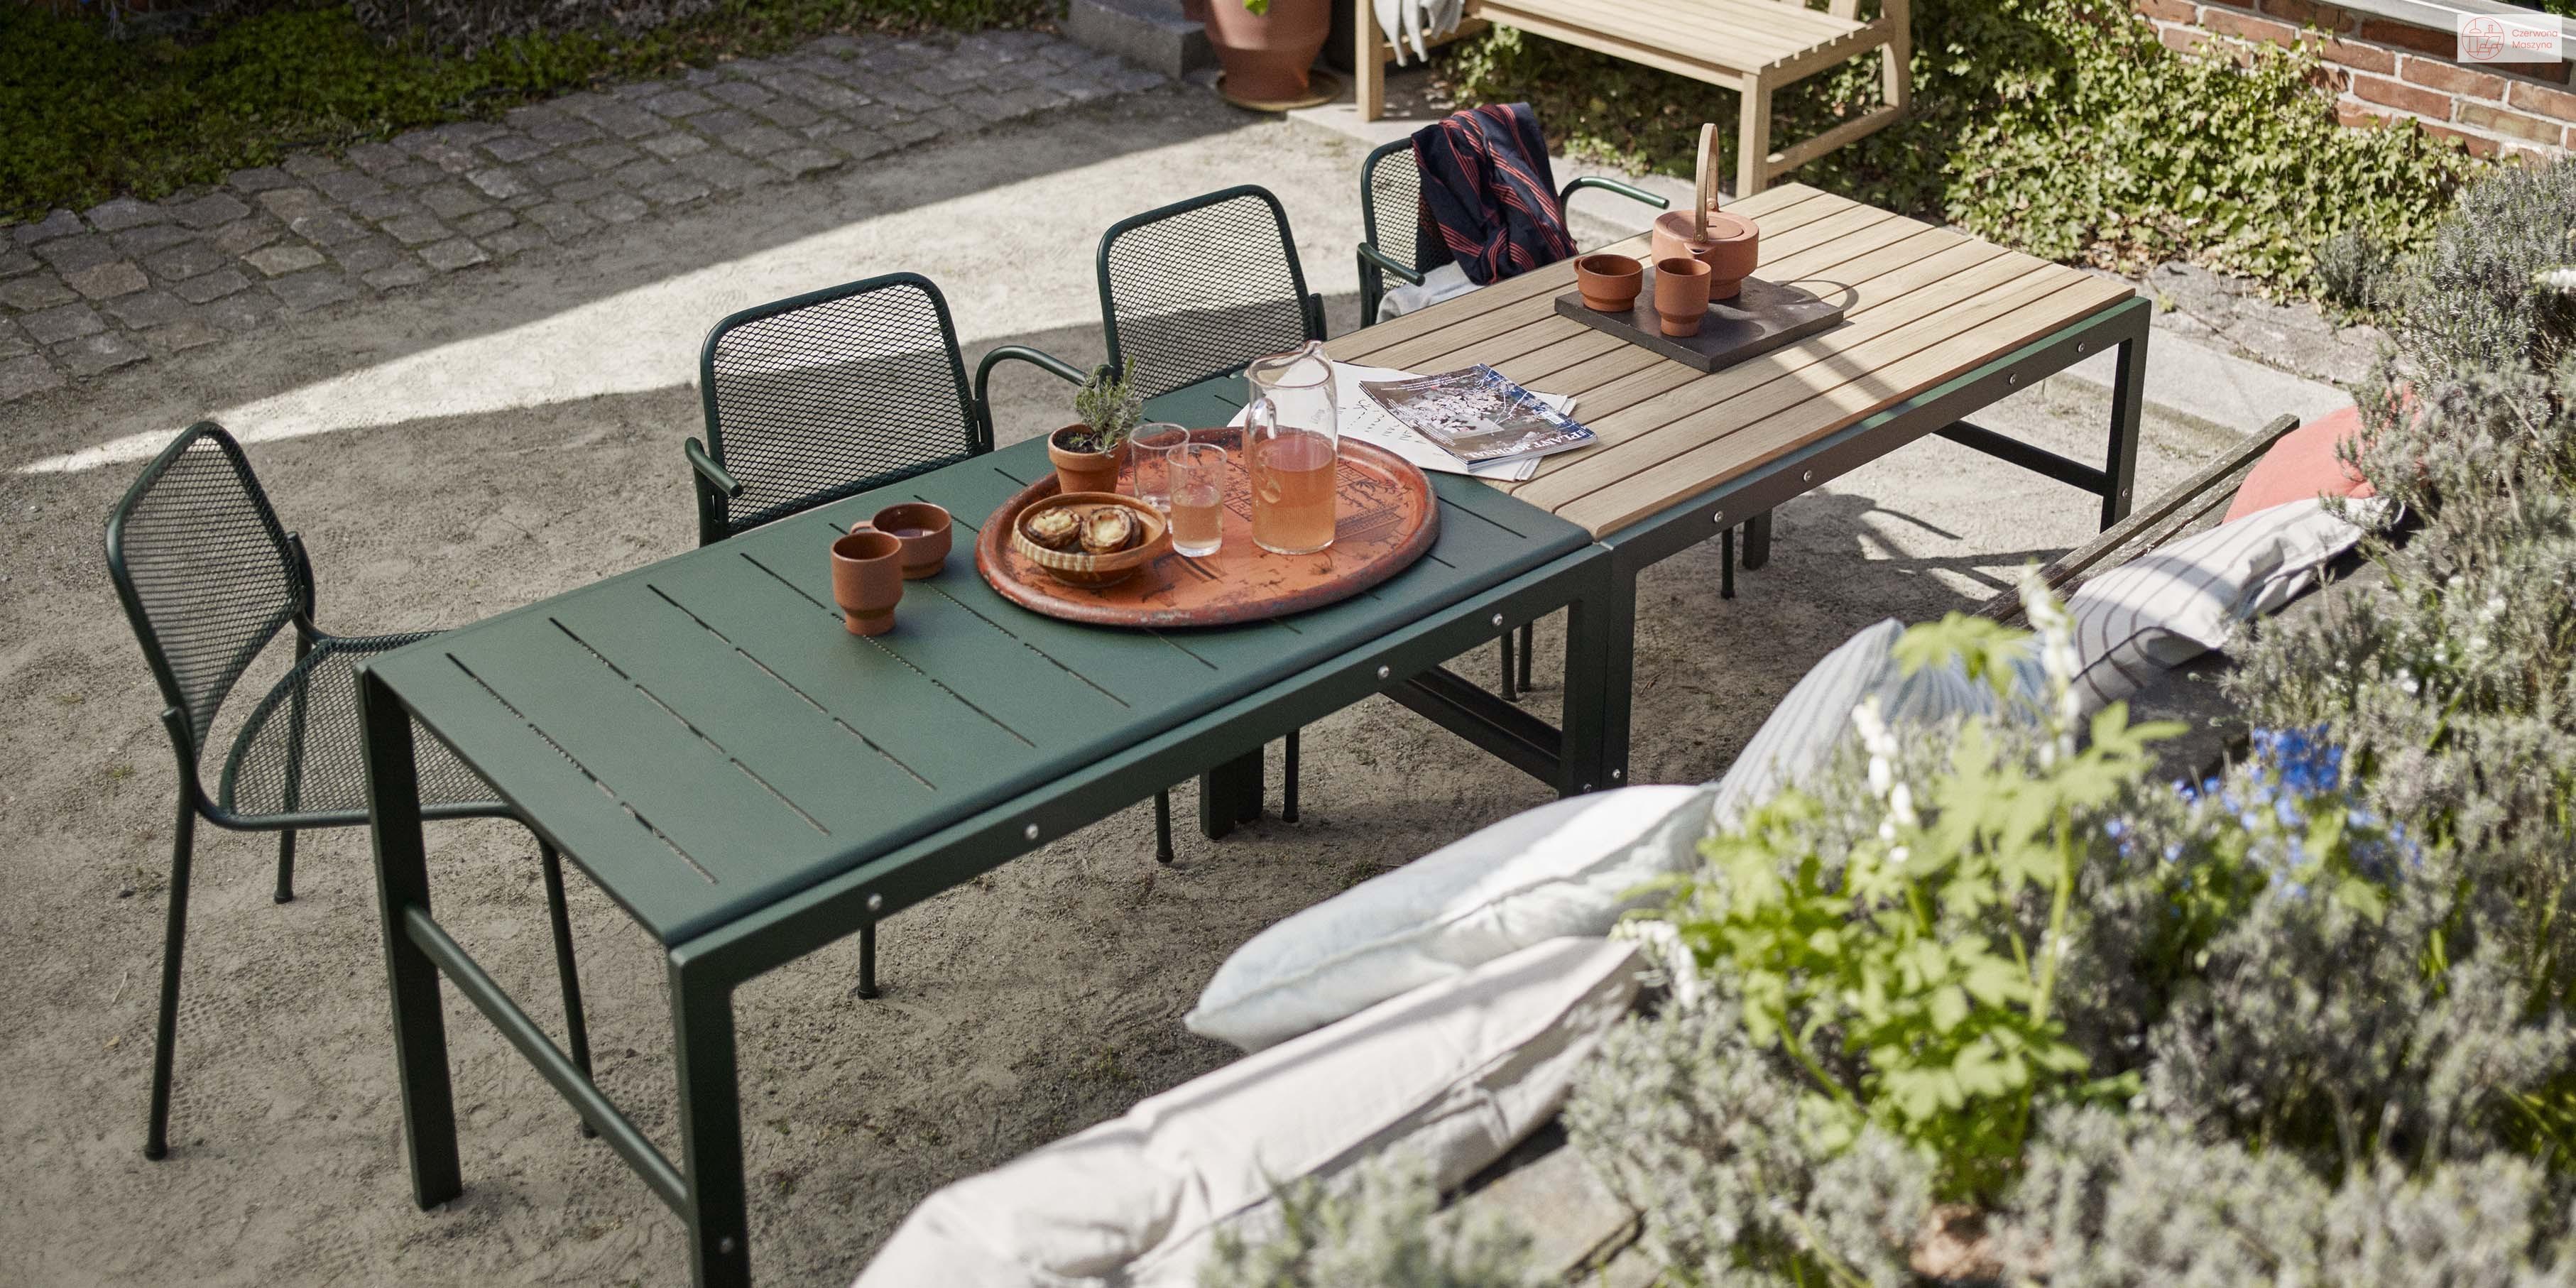 Meble ogrodowe - jak wybierać?